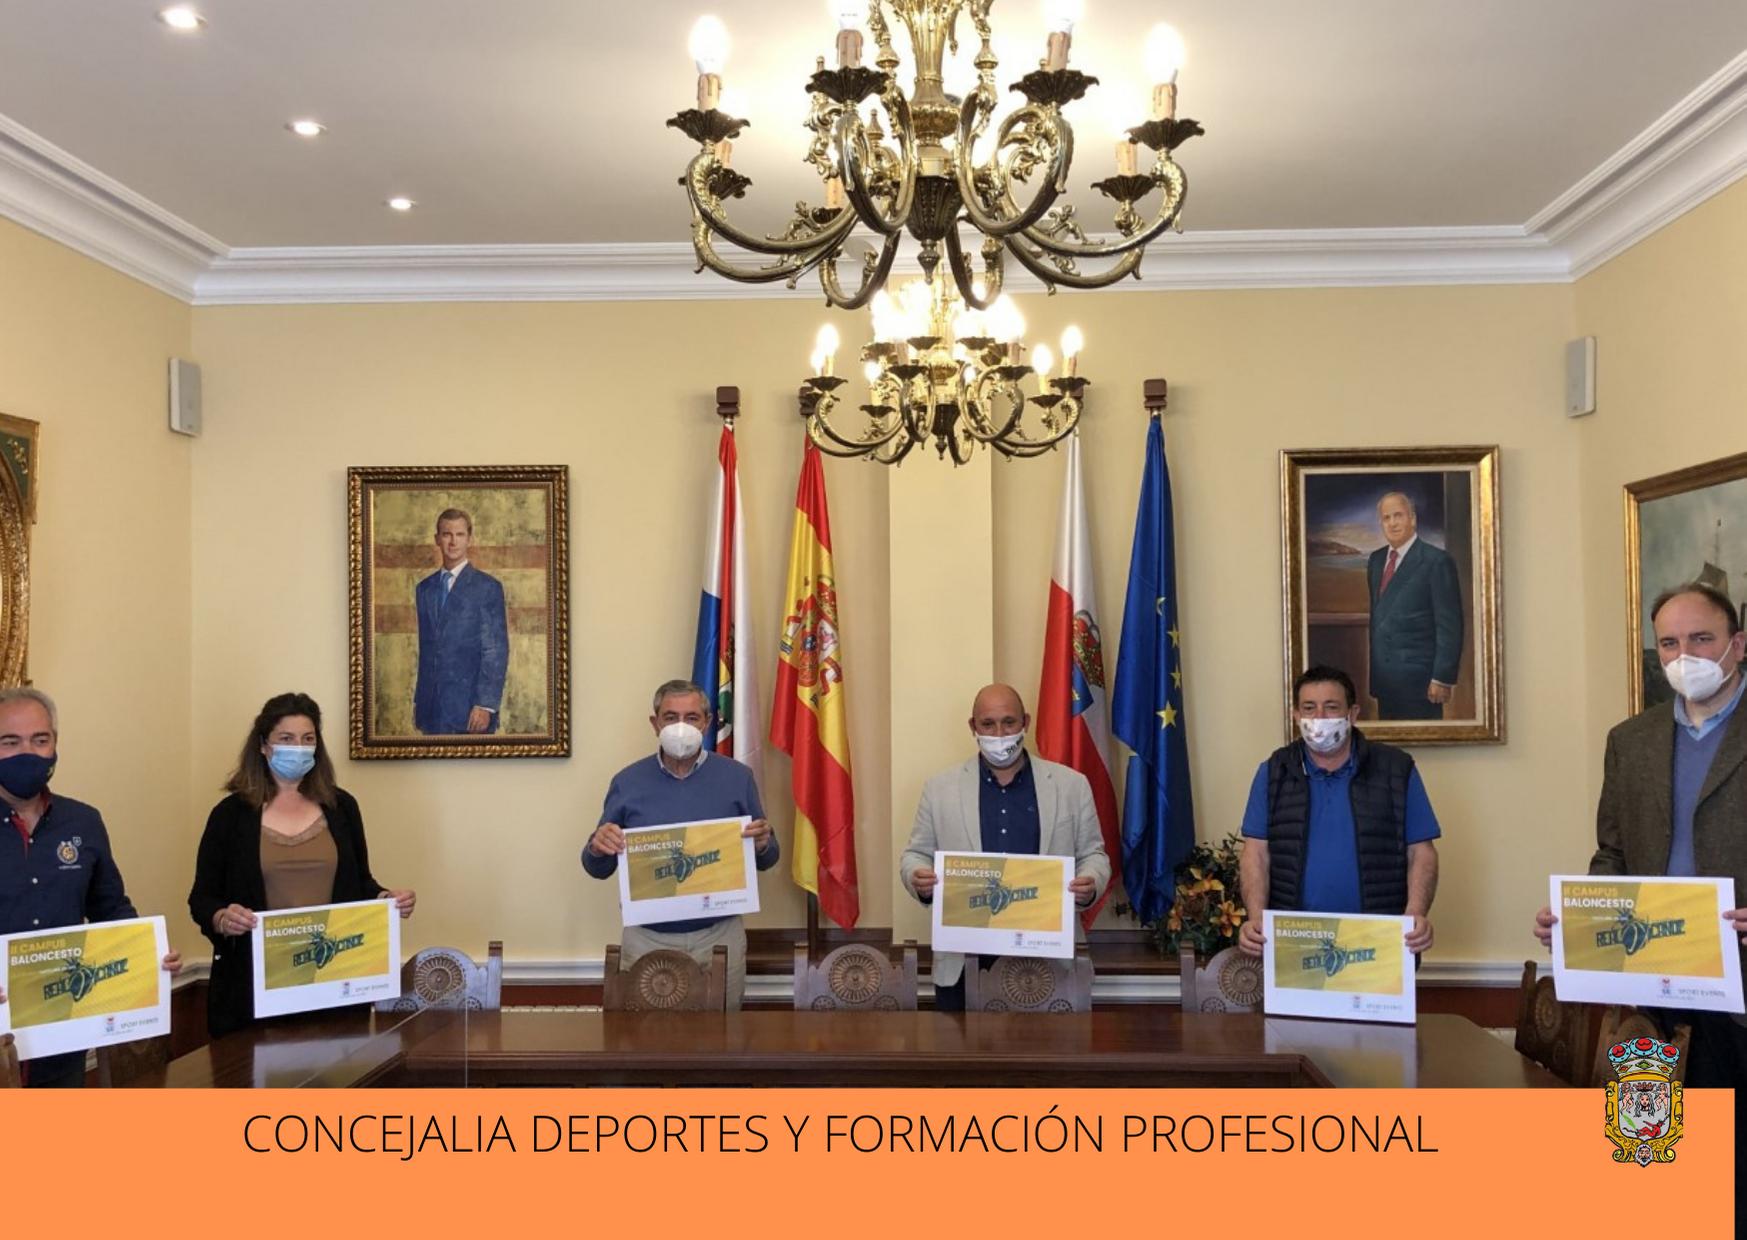 Los municipios de Santillana del Mar y Suances acogerán el II campus de baloncesto Real Canoe del 3 al 9 de julio